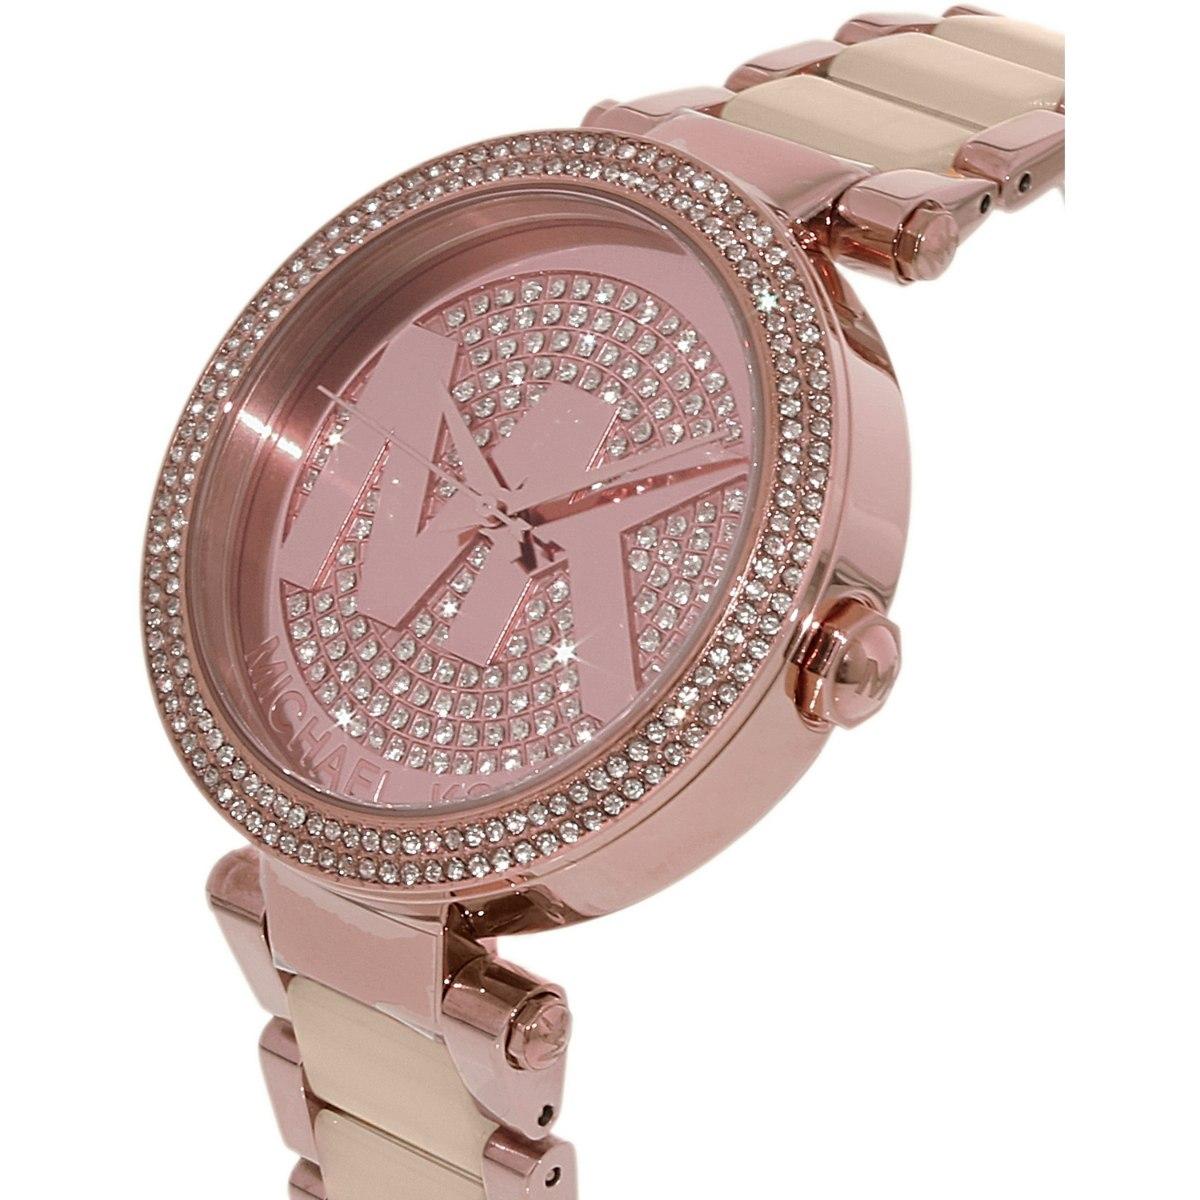 2d7b1b41d178 reloj dama michael kors mk6176 agen ofi envio gratis. Cargando zoom.